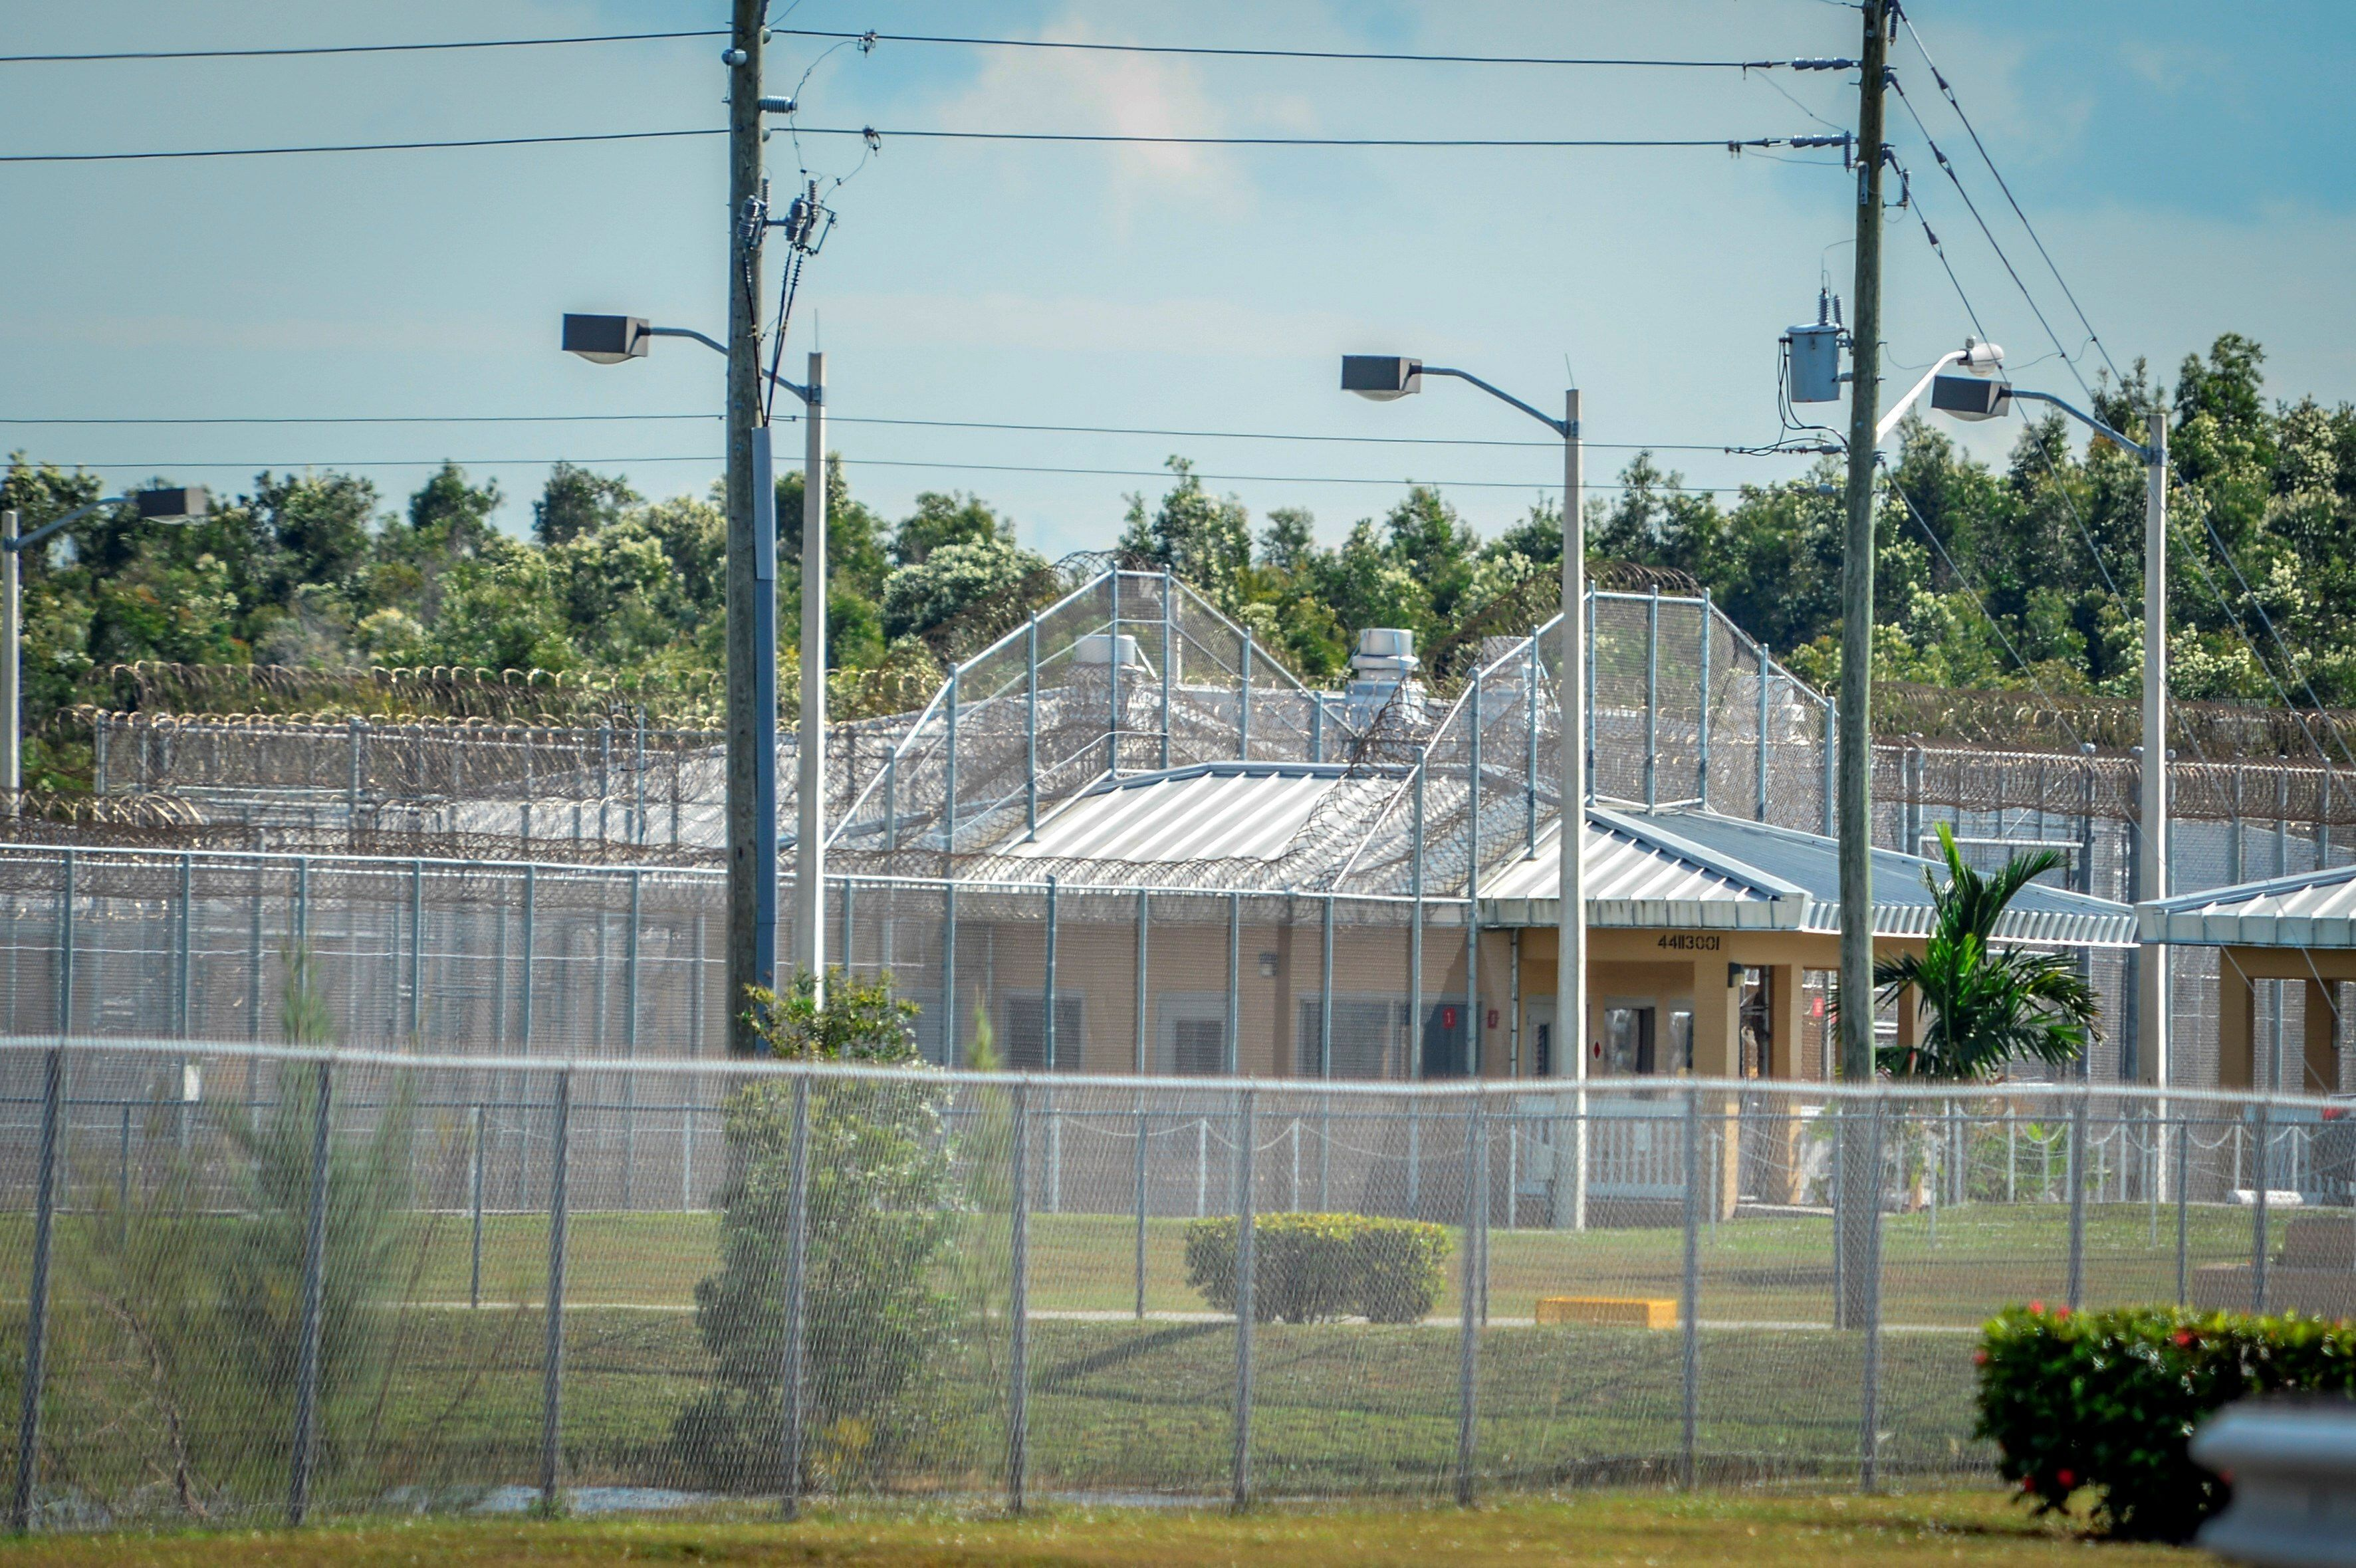 """Organizaciones civiles presentaron el lunes una queja ante el Departamento de Seguridad Nacional (DHS) basada en el testimonio de Dawn Wooten, una enfermera que trabajó en esa prisión, donde denunció """"prácticas peligrosas"""", incluyendo la extirpación del útero de mujeres para su esterilización. EFE/Giorgio Viera/Archivo"""